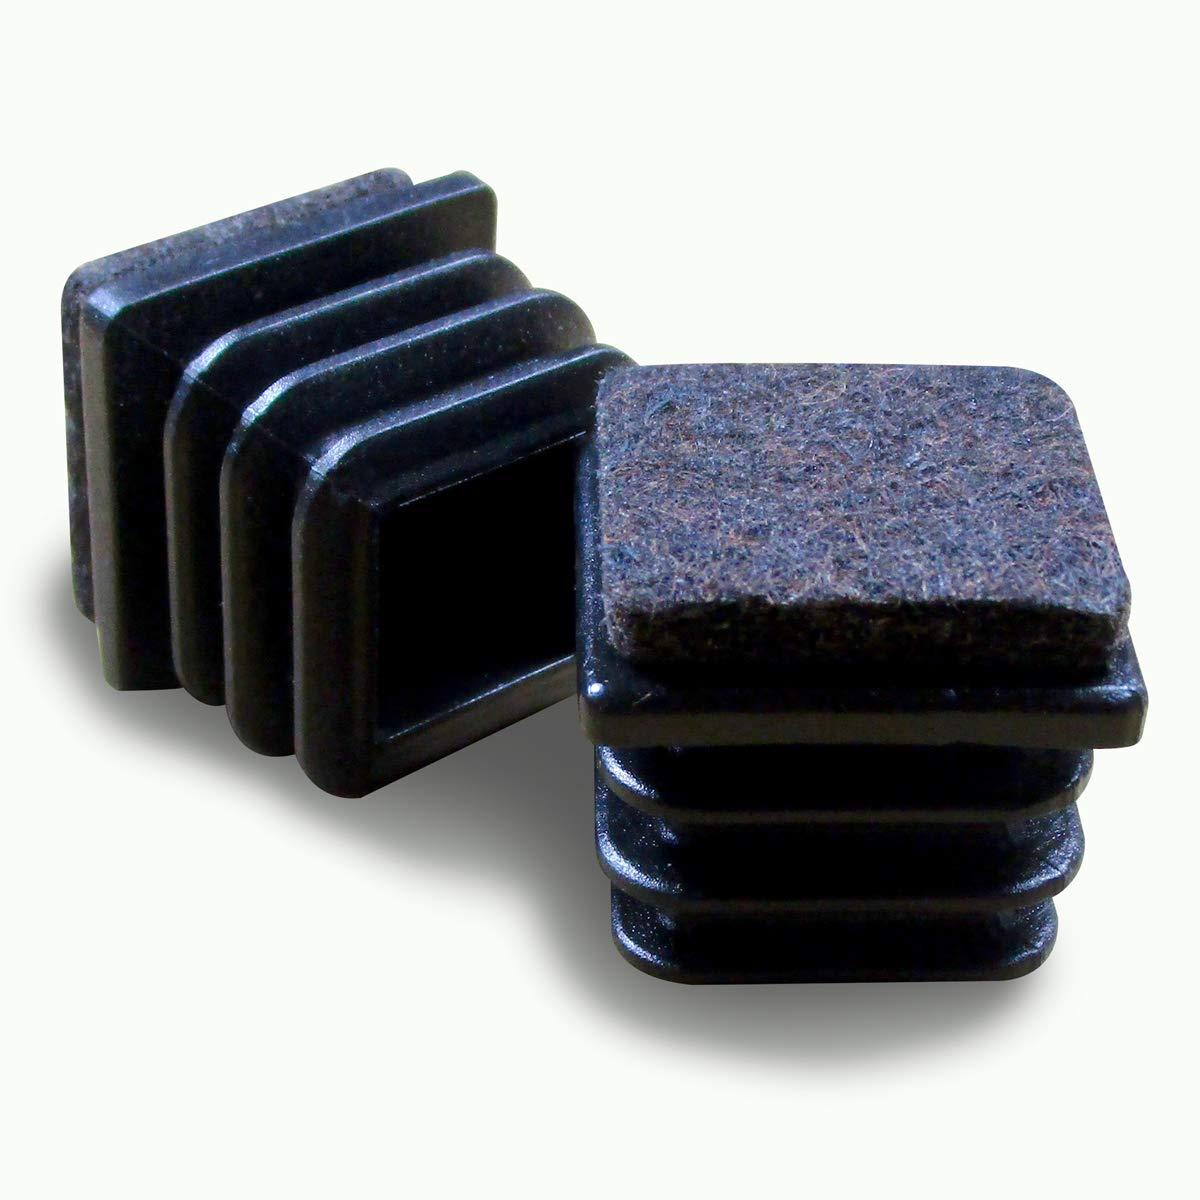 Ajile® - 16 piezzas - Tapones cuadrados para pata de silla y almehadillas 16 x 16 mm DIMENSION EXTERNA con suela de fieltro contra ruido y arañazos - ECF116-FBA